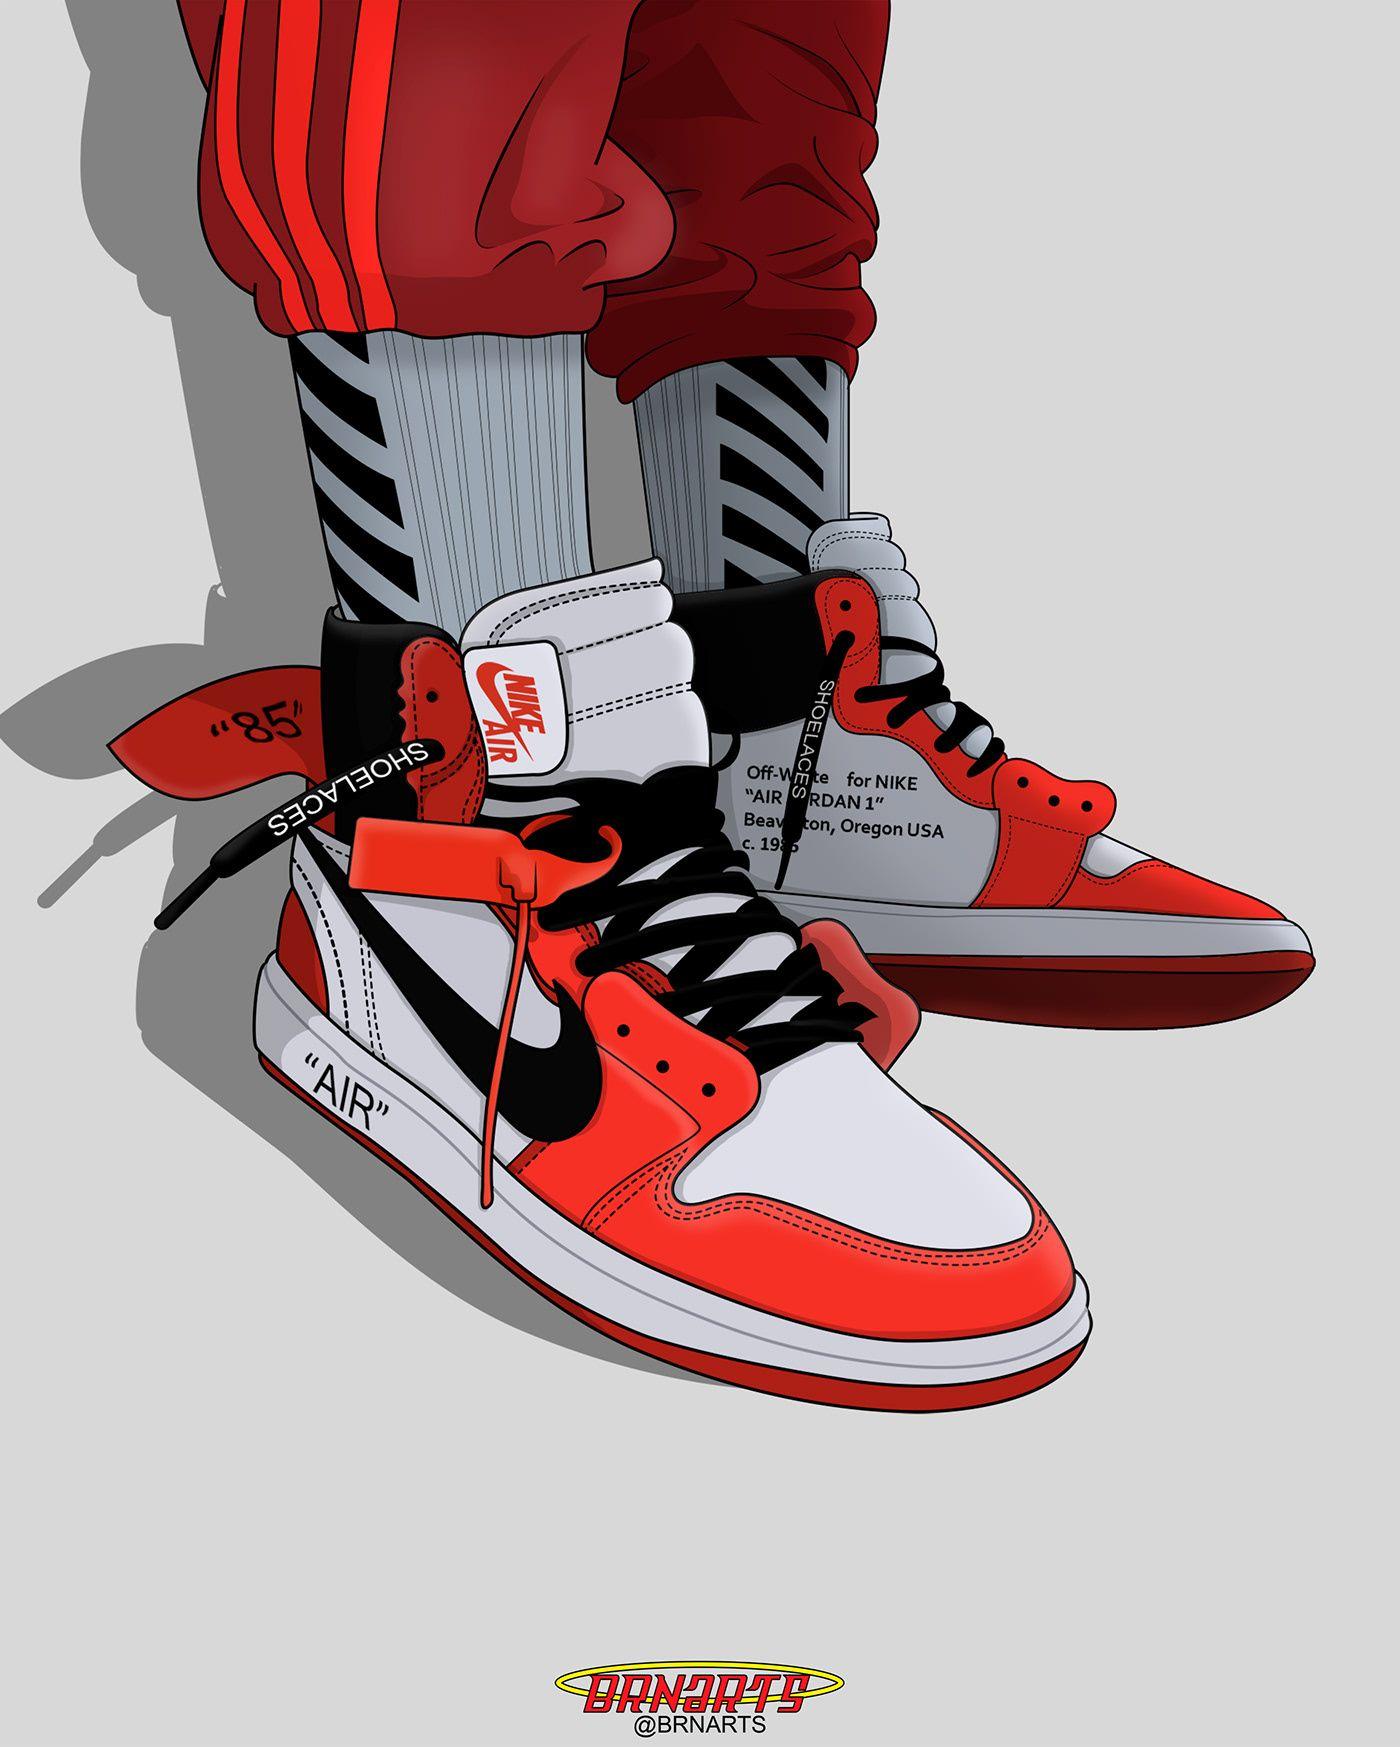 hacer un pedido buscar el más nuevo nueva estilos 54+] Wallpapers Sneakers Hypebeast on WallpaperSafari